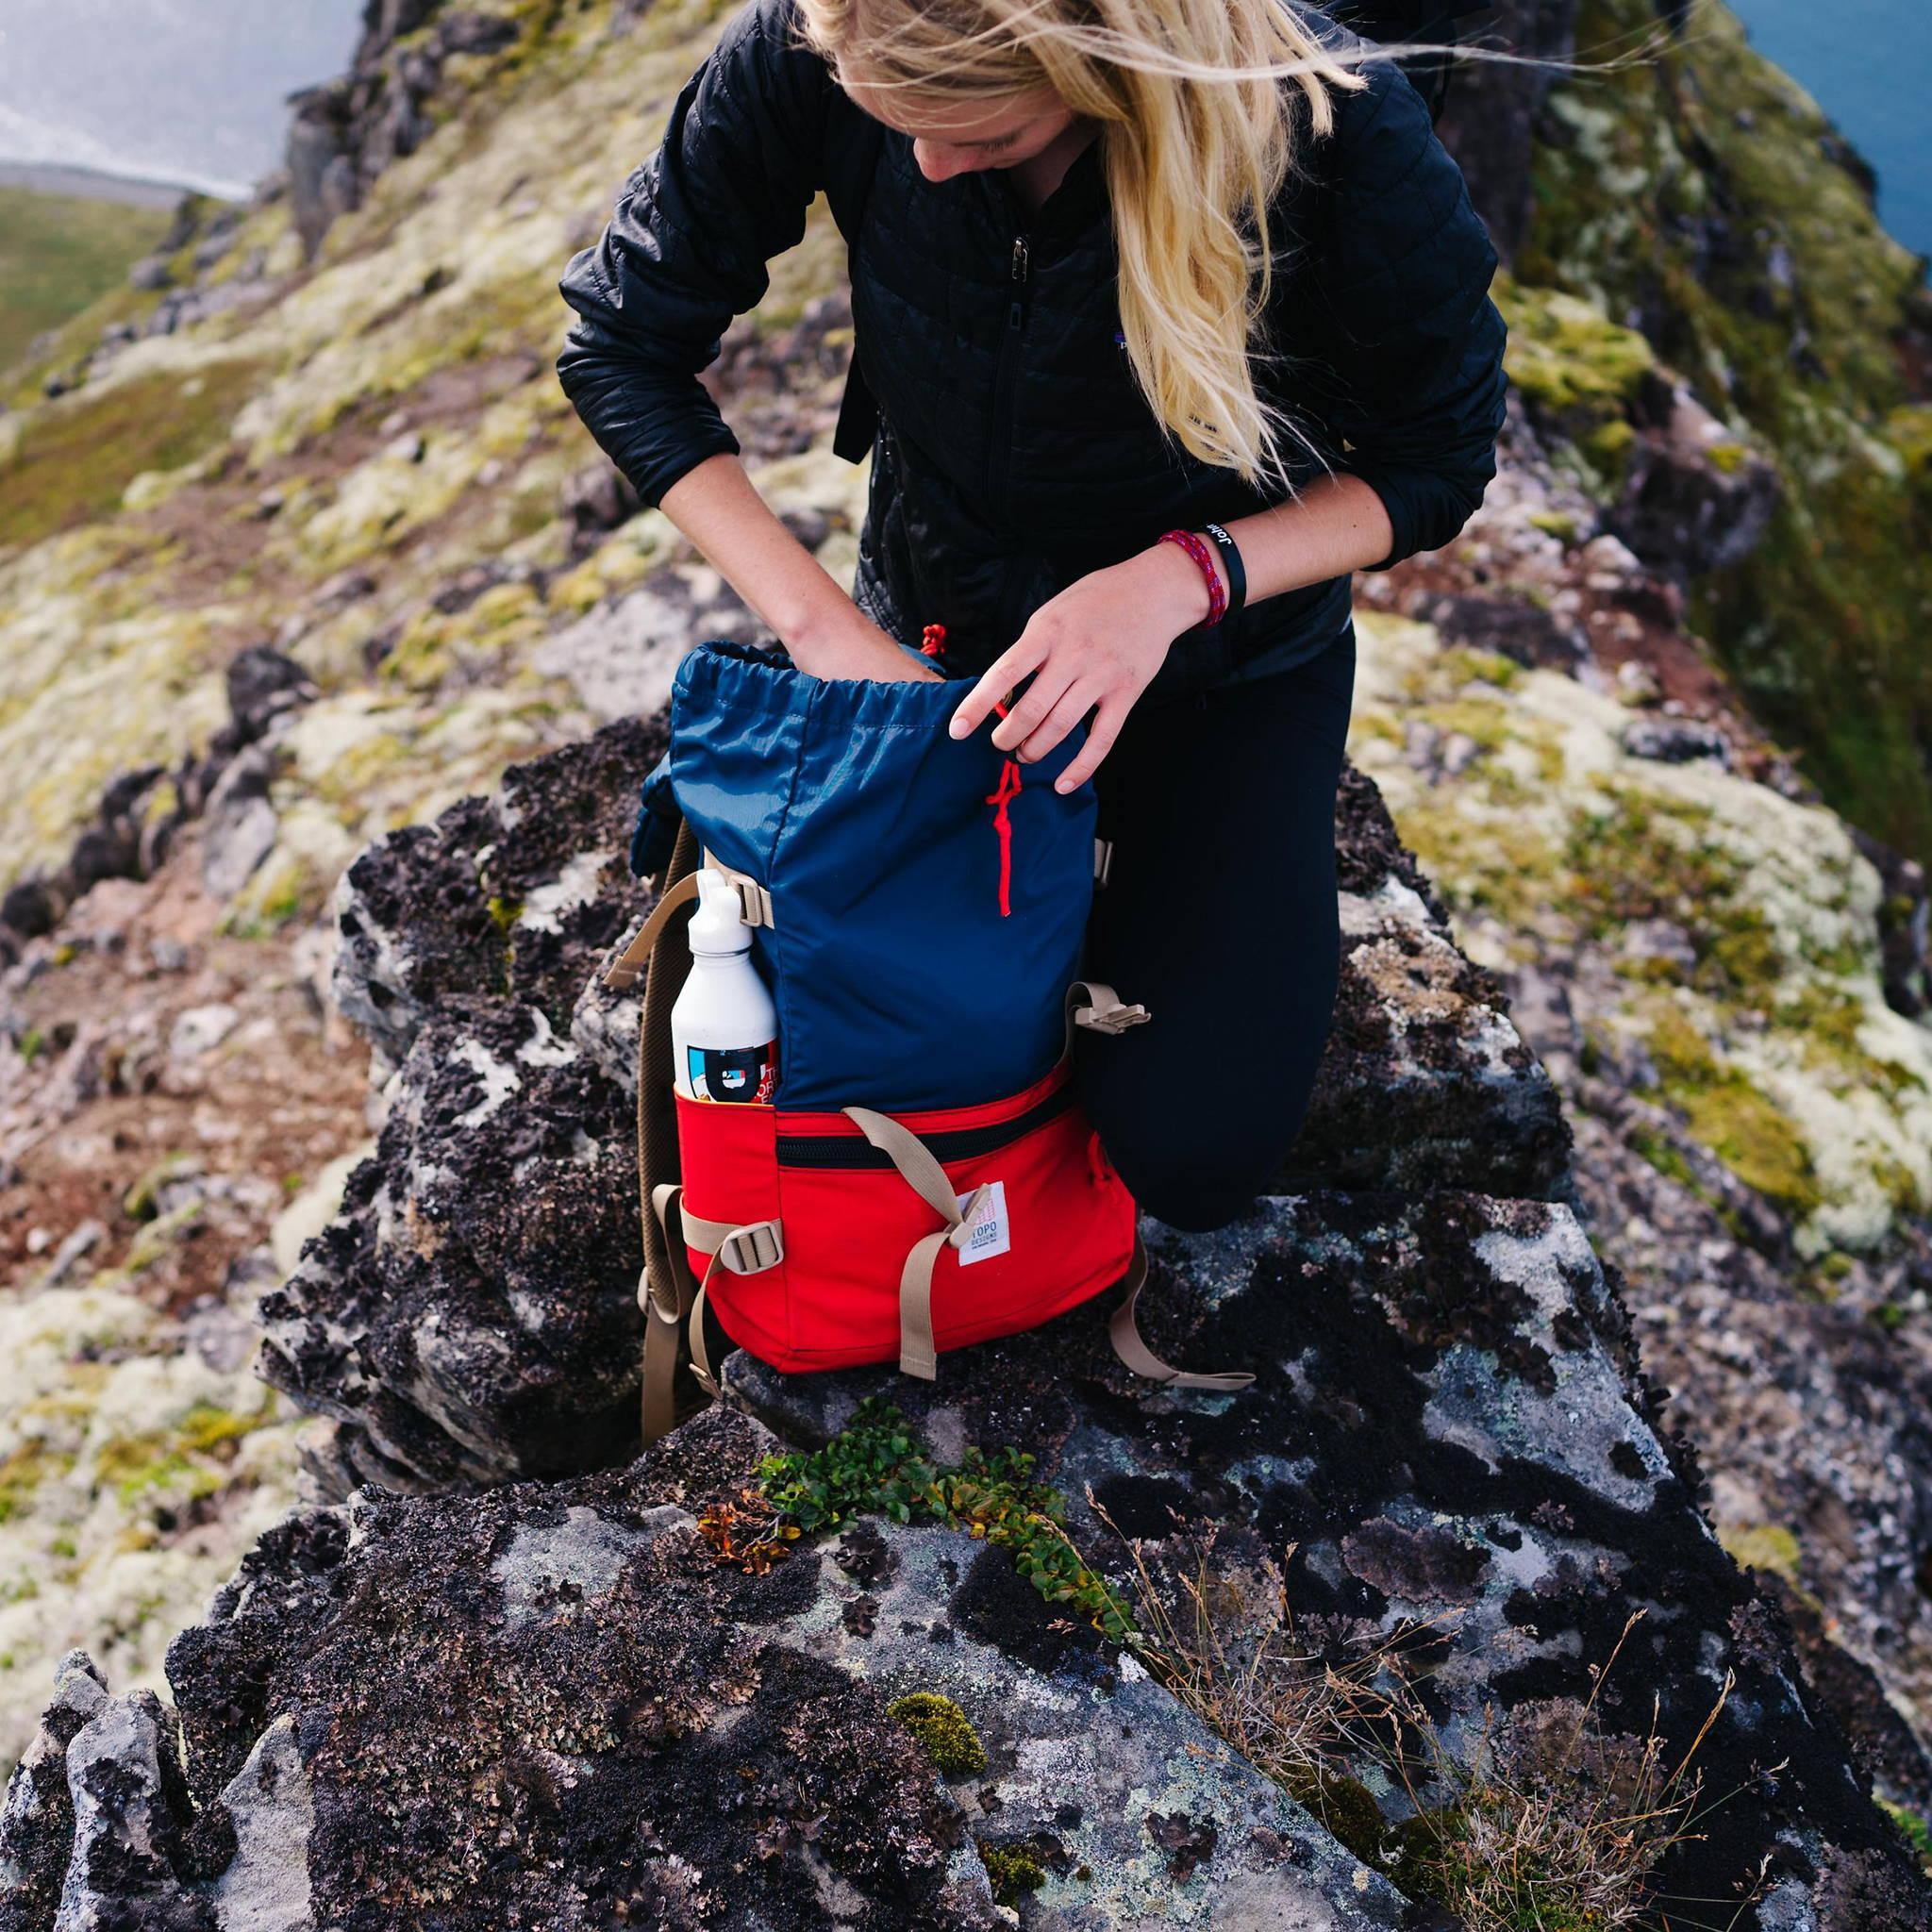 6b75dd5e31 Rover Pack Rucksack Backpack